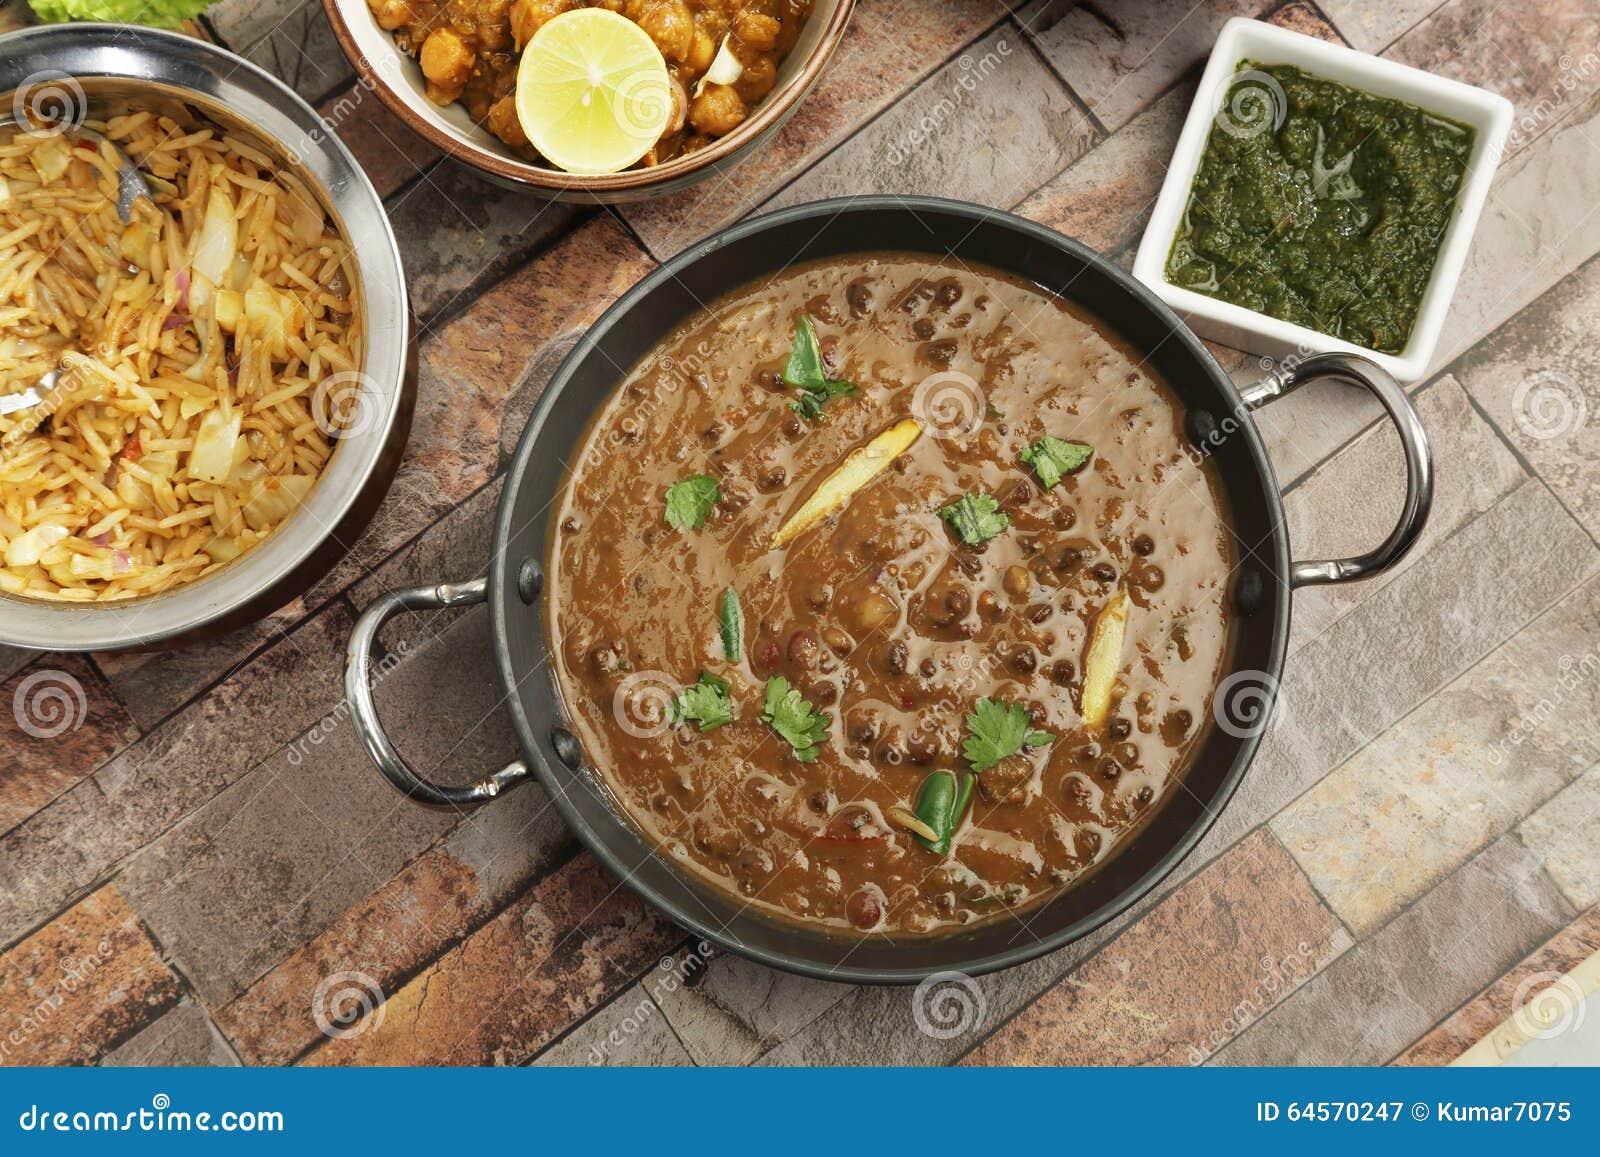 Indier Dal Makhani med Pulav eller grönsaken Pulao och Chana Masal